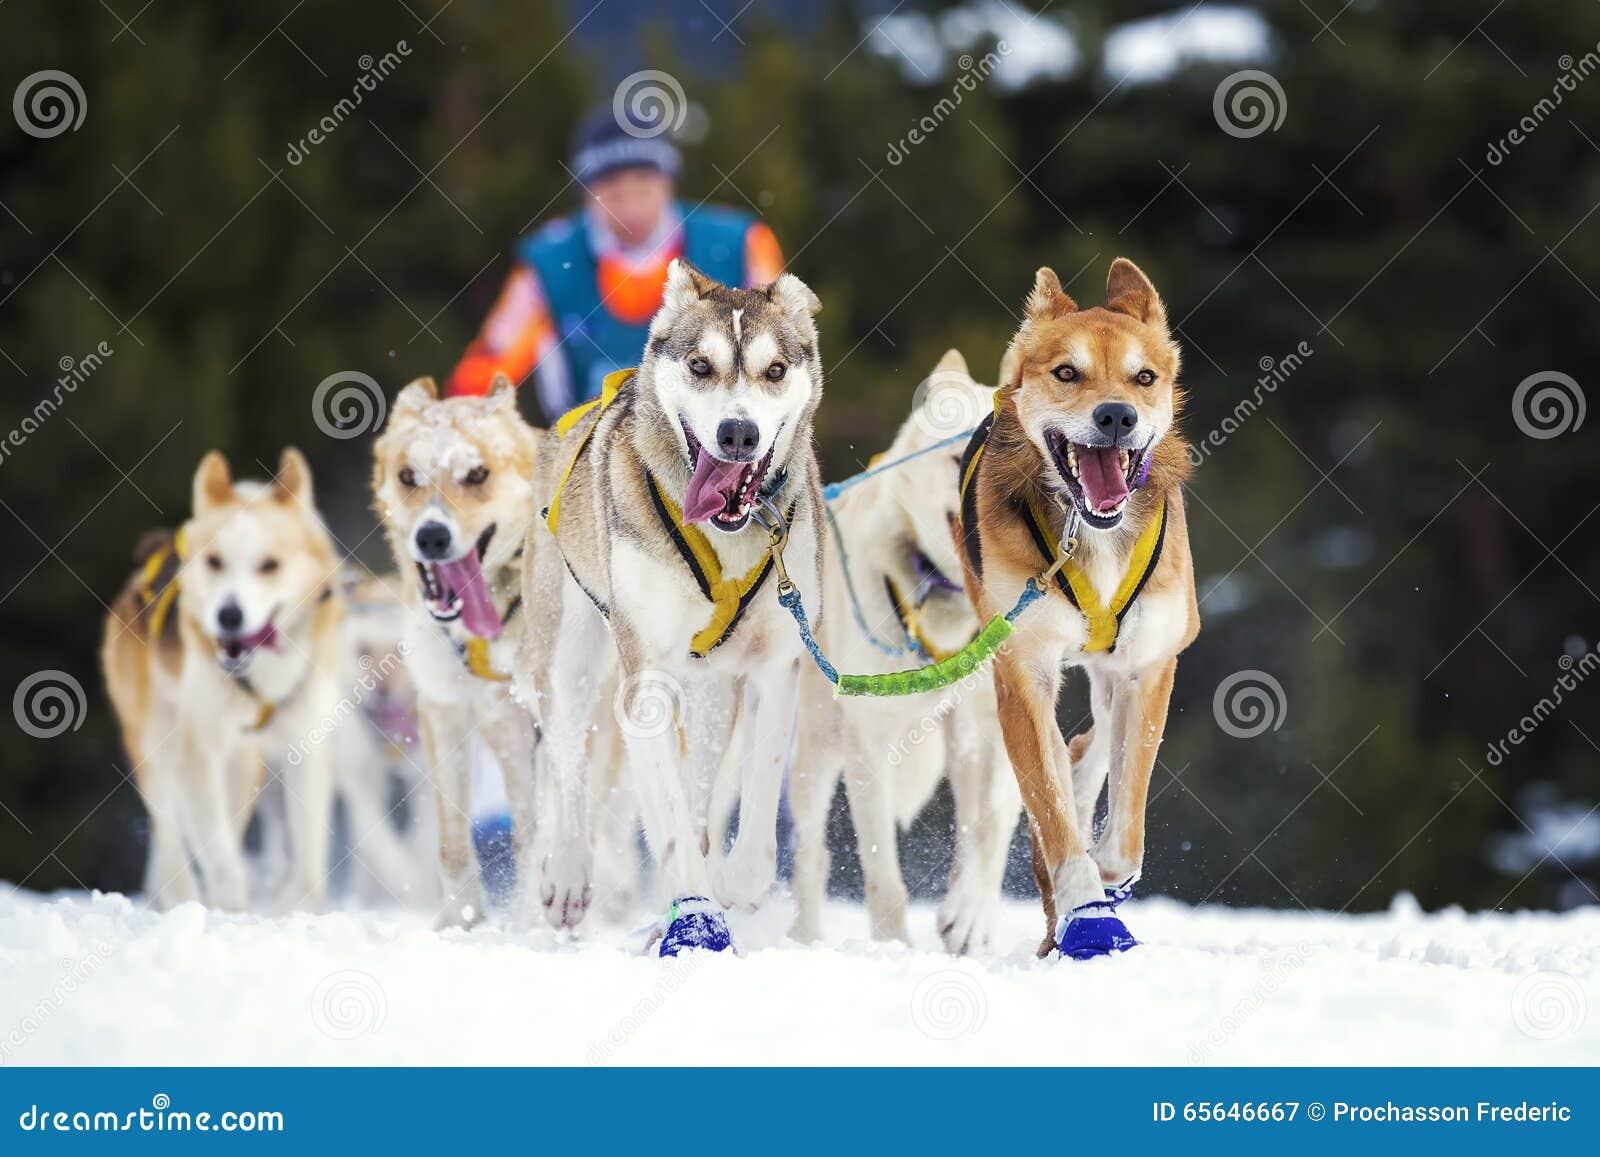 Course de chien de traîneau sur la neige